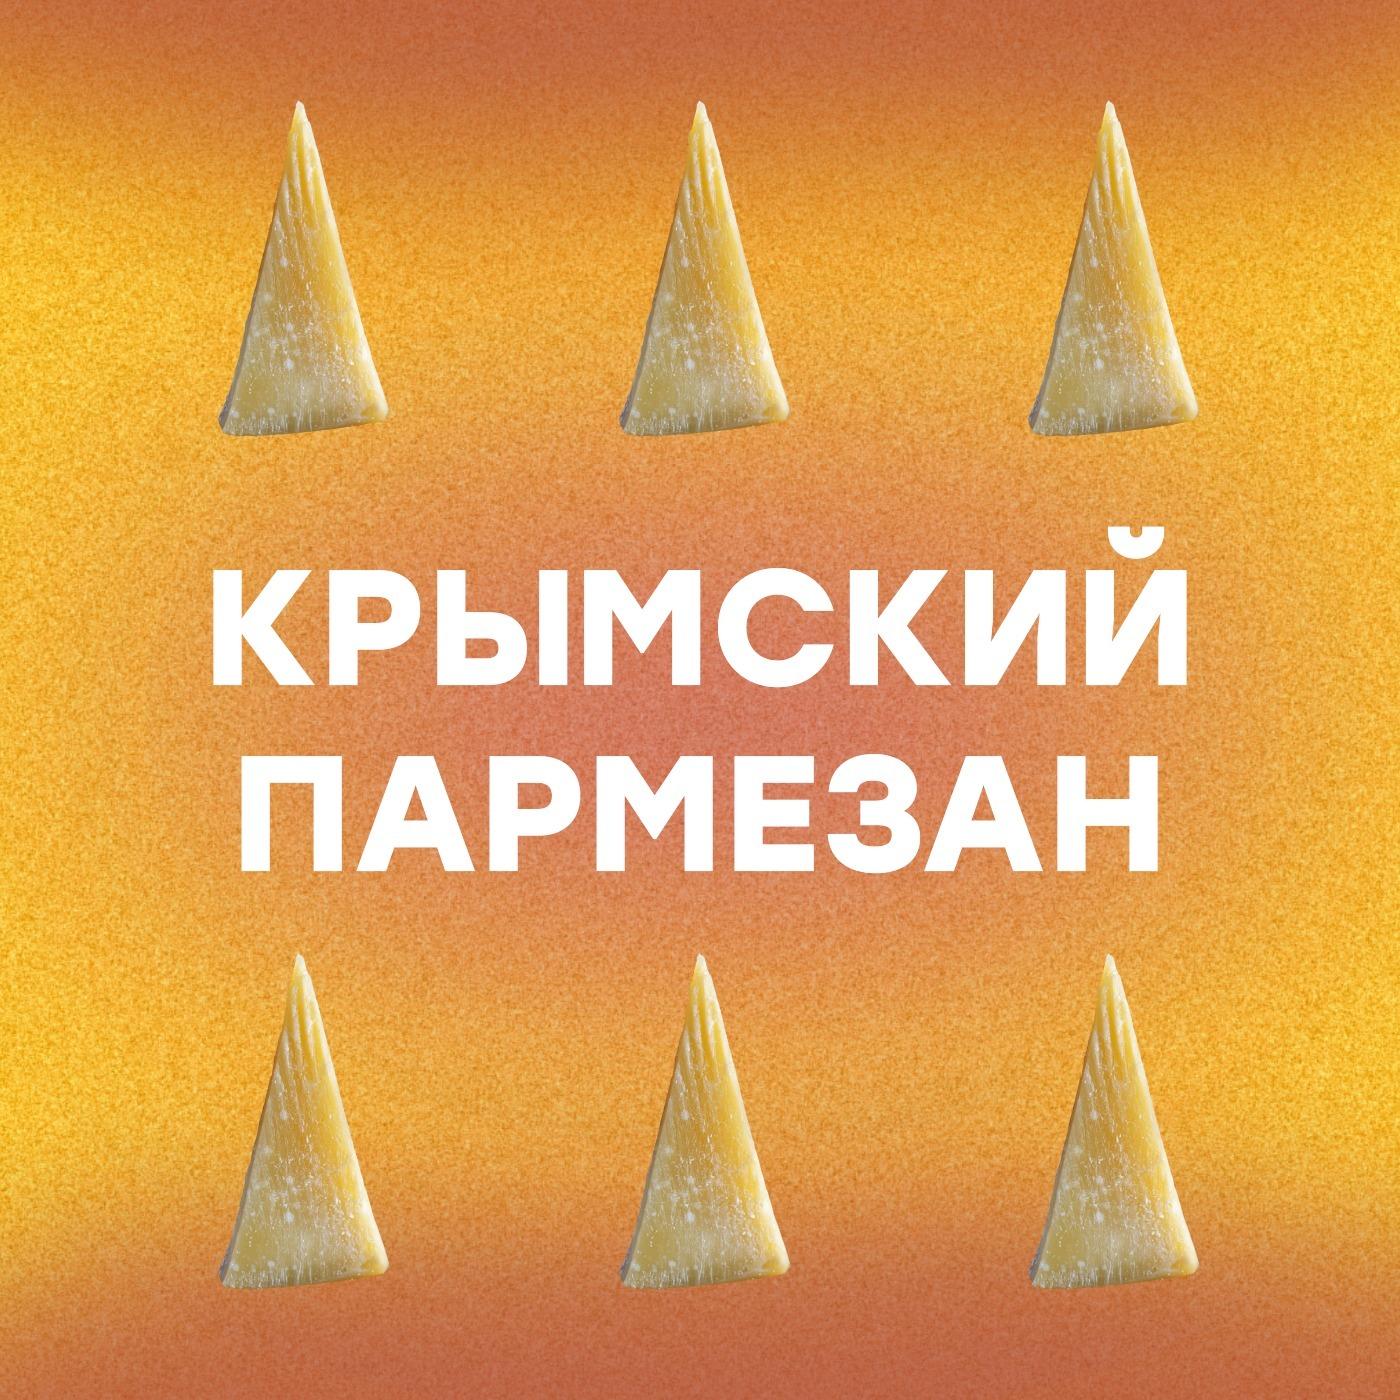 Следующая Олимпиада пройдет в Крыму | Крымский.Пармезан